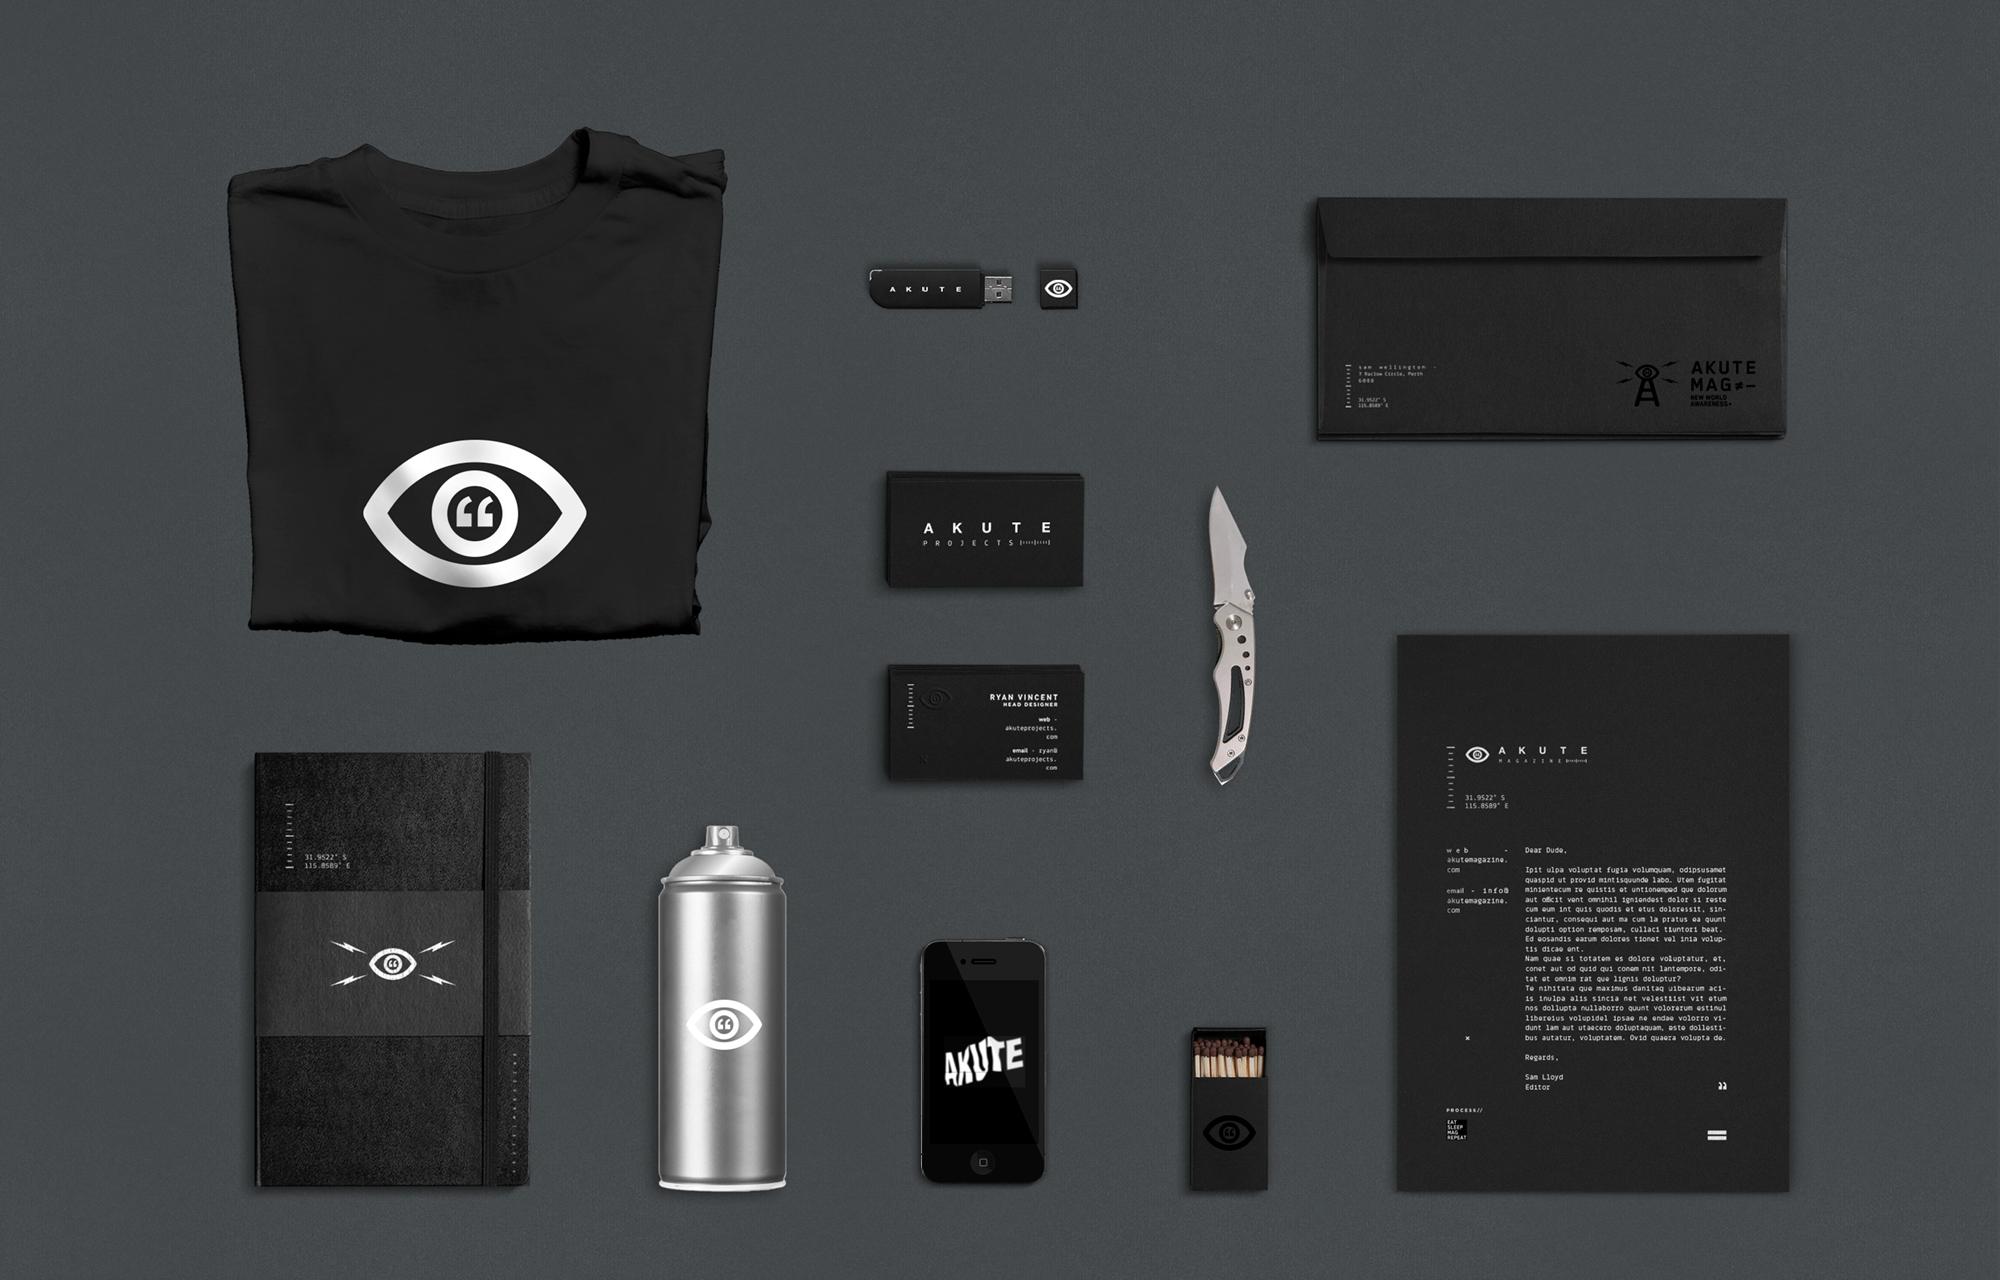 Akute-Corp_ID